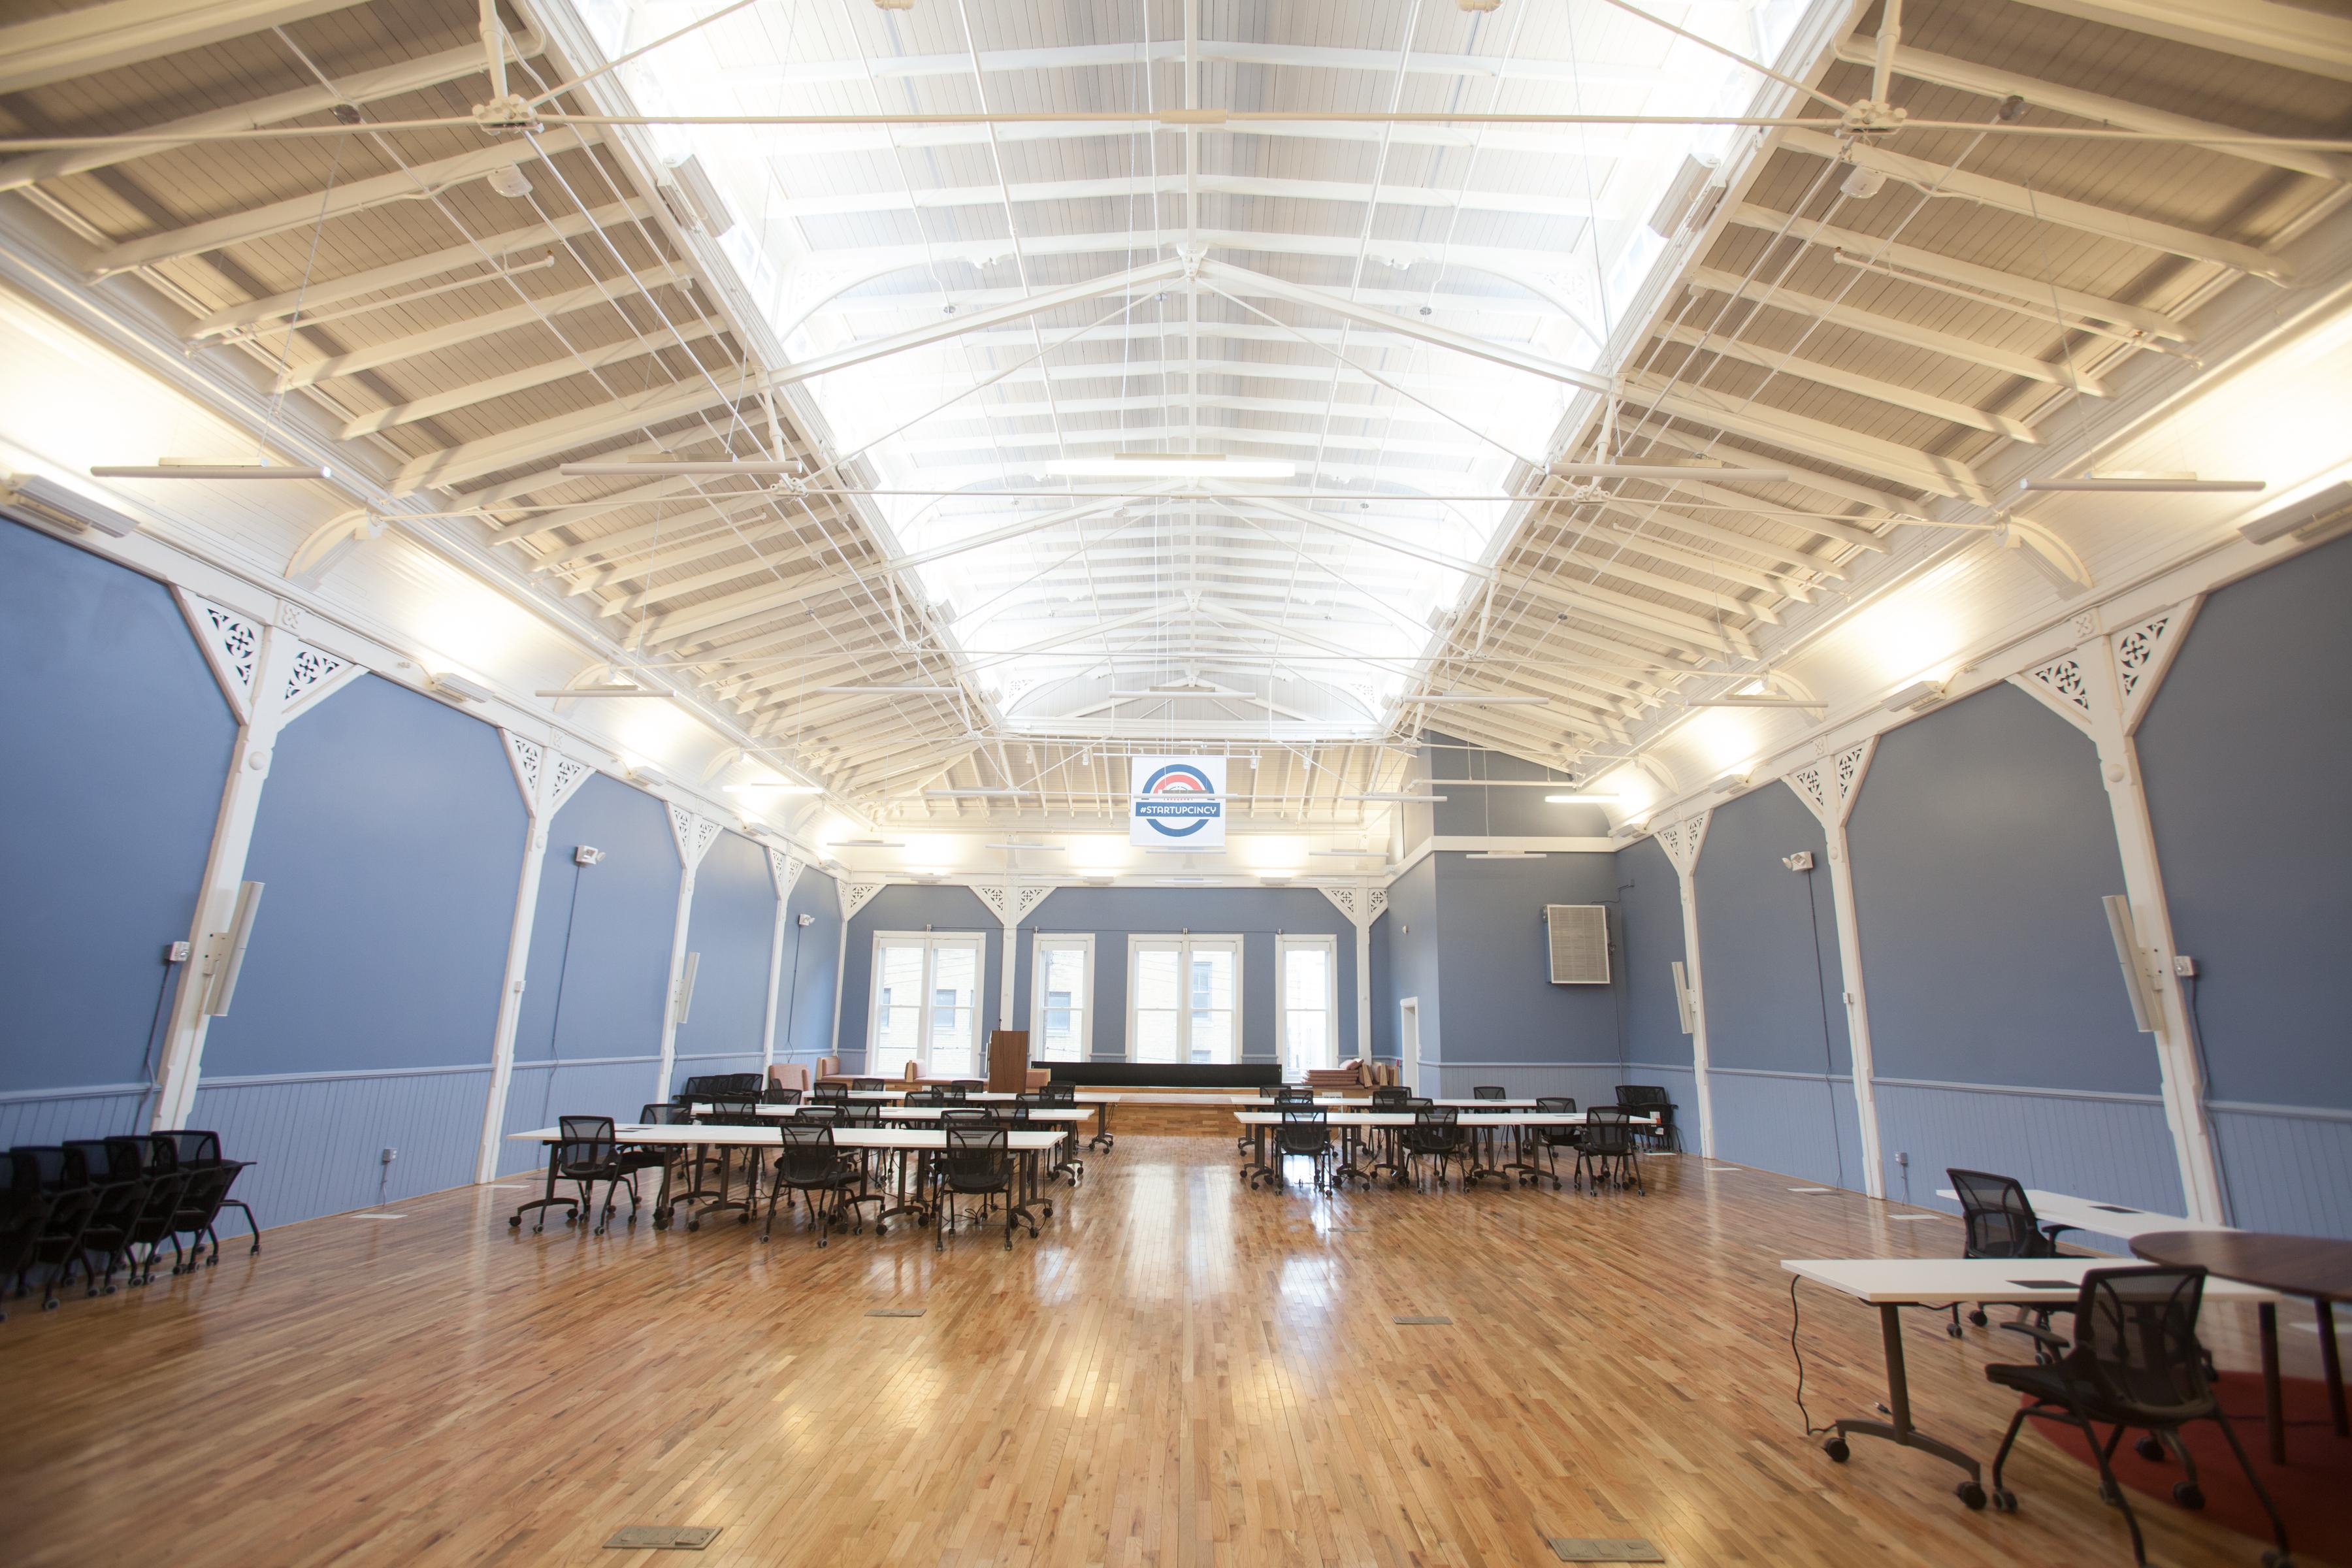 Cintrifuse Union Hall Beer Hall